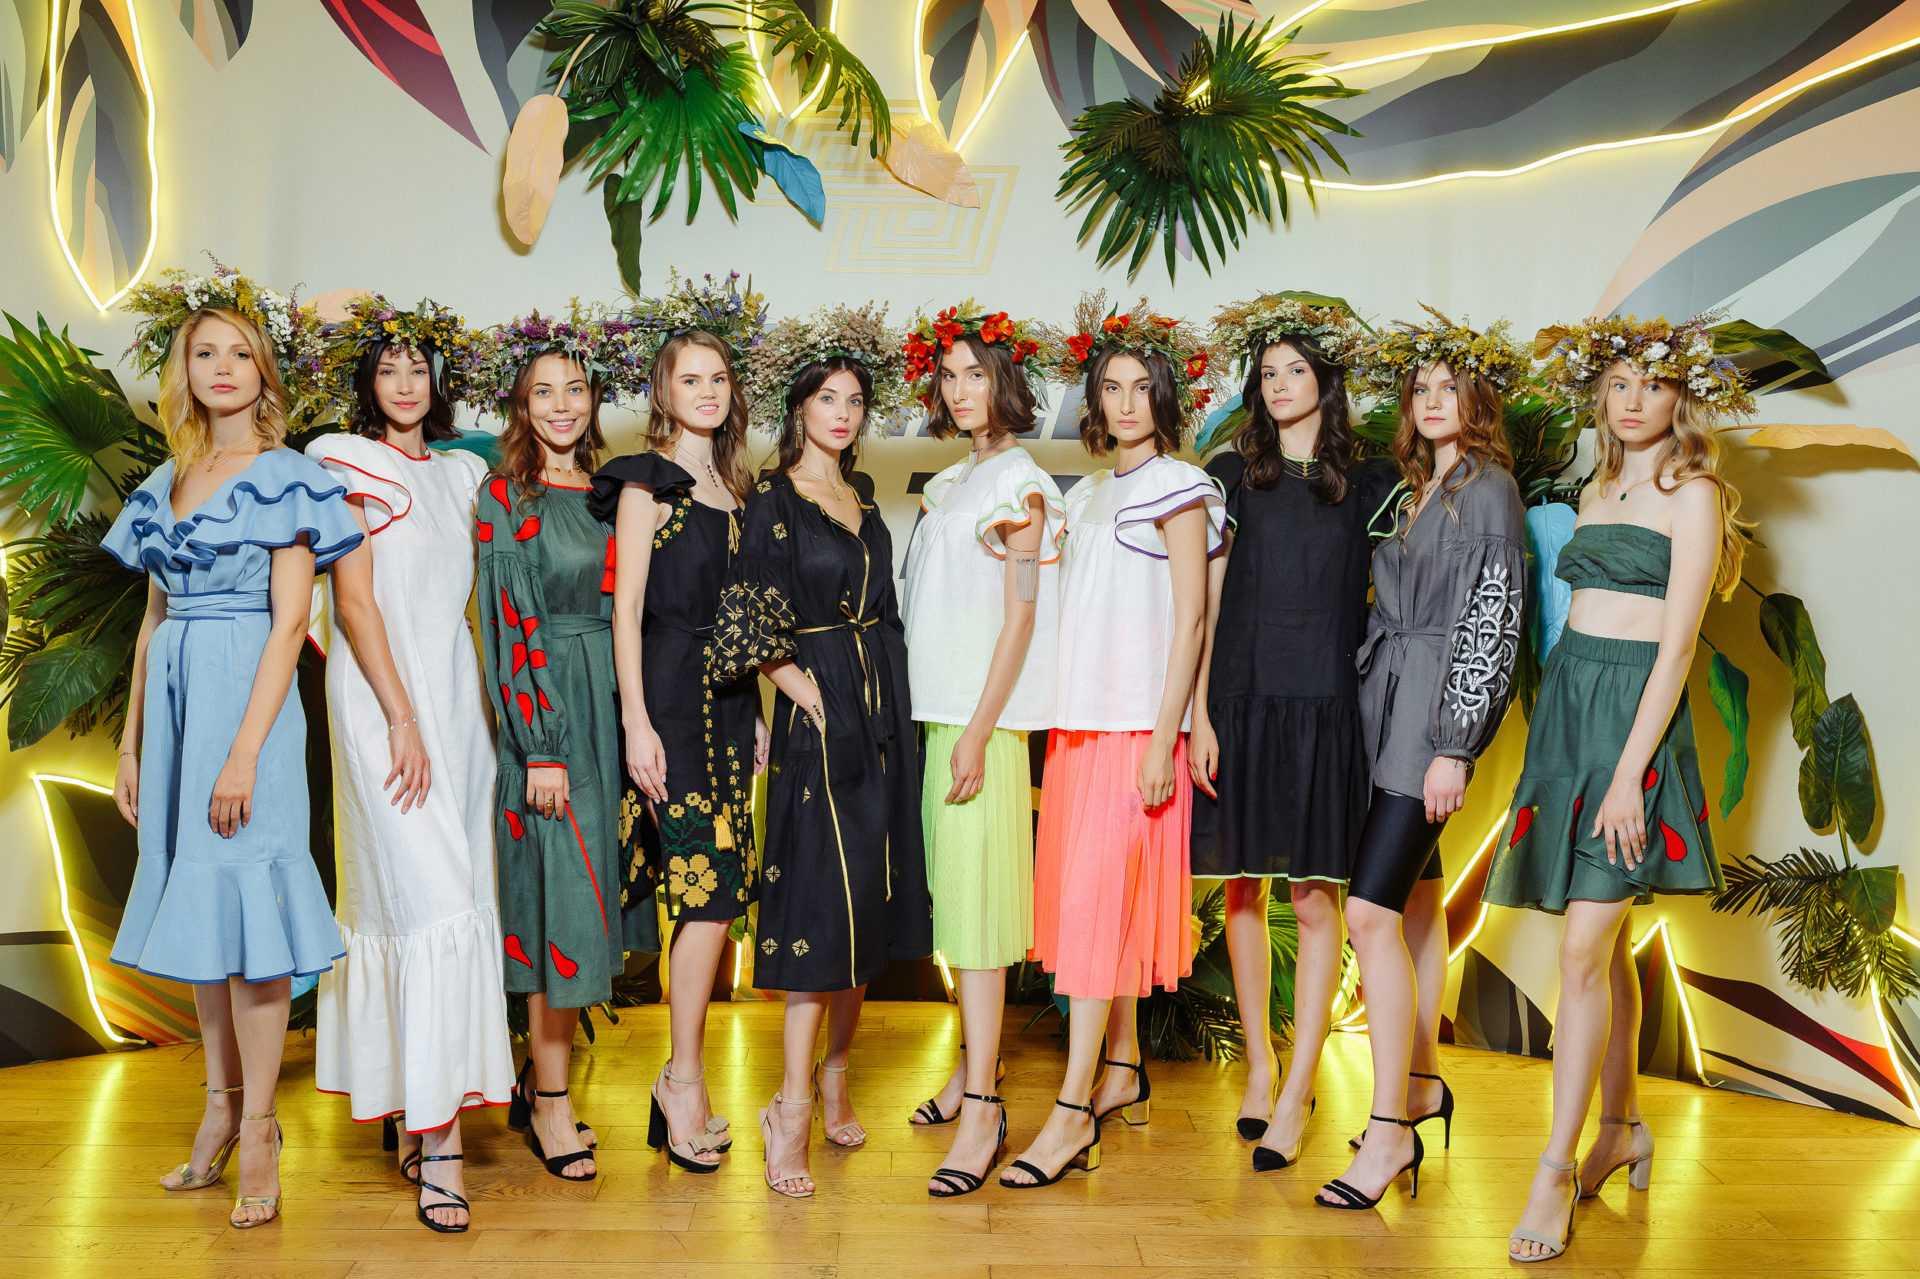 Как прошла презентация новой коллекции одежды B.Y бренда